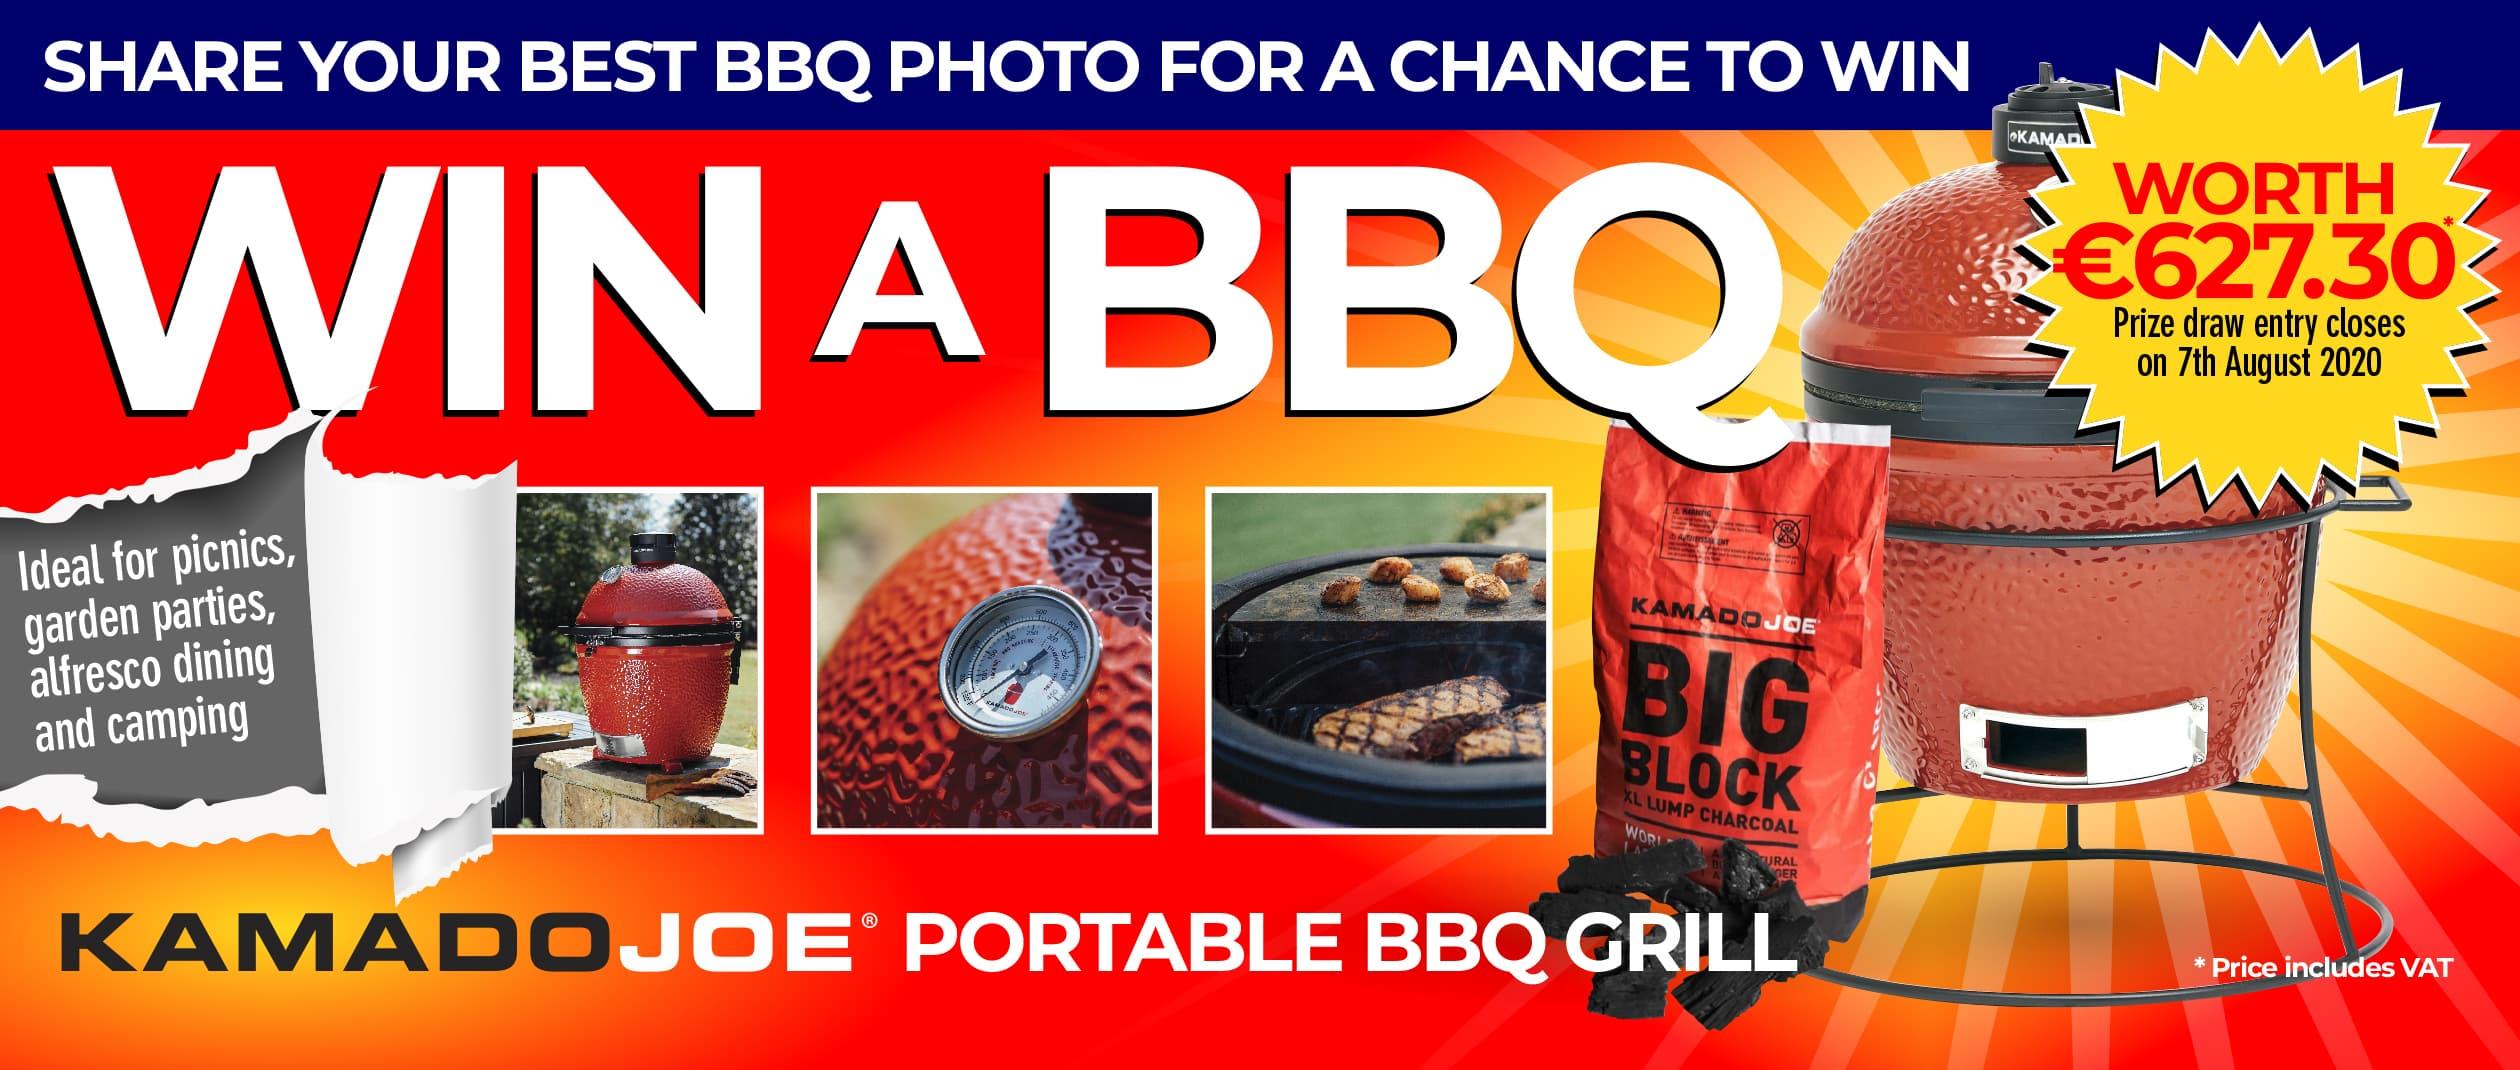 Win a BBQ